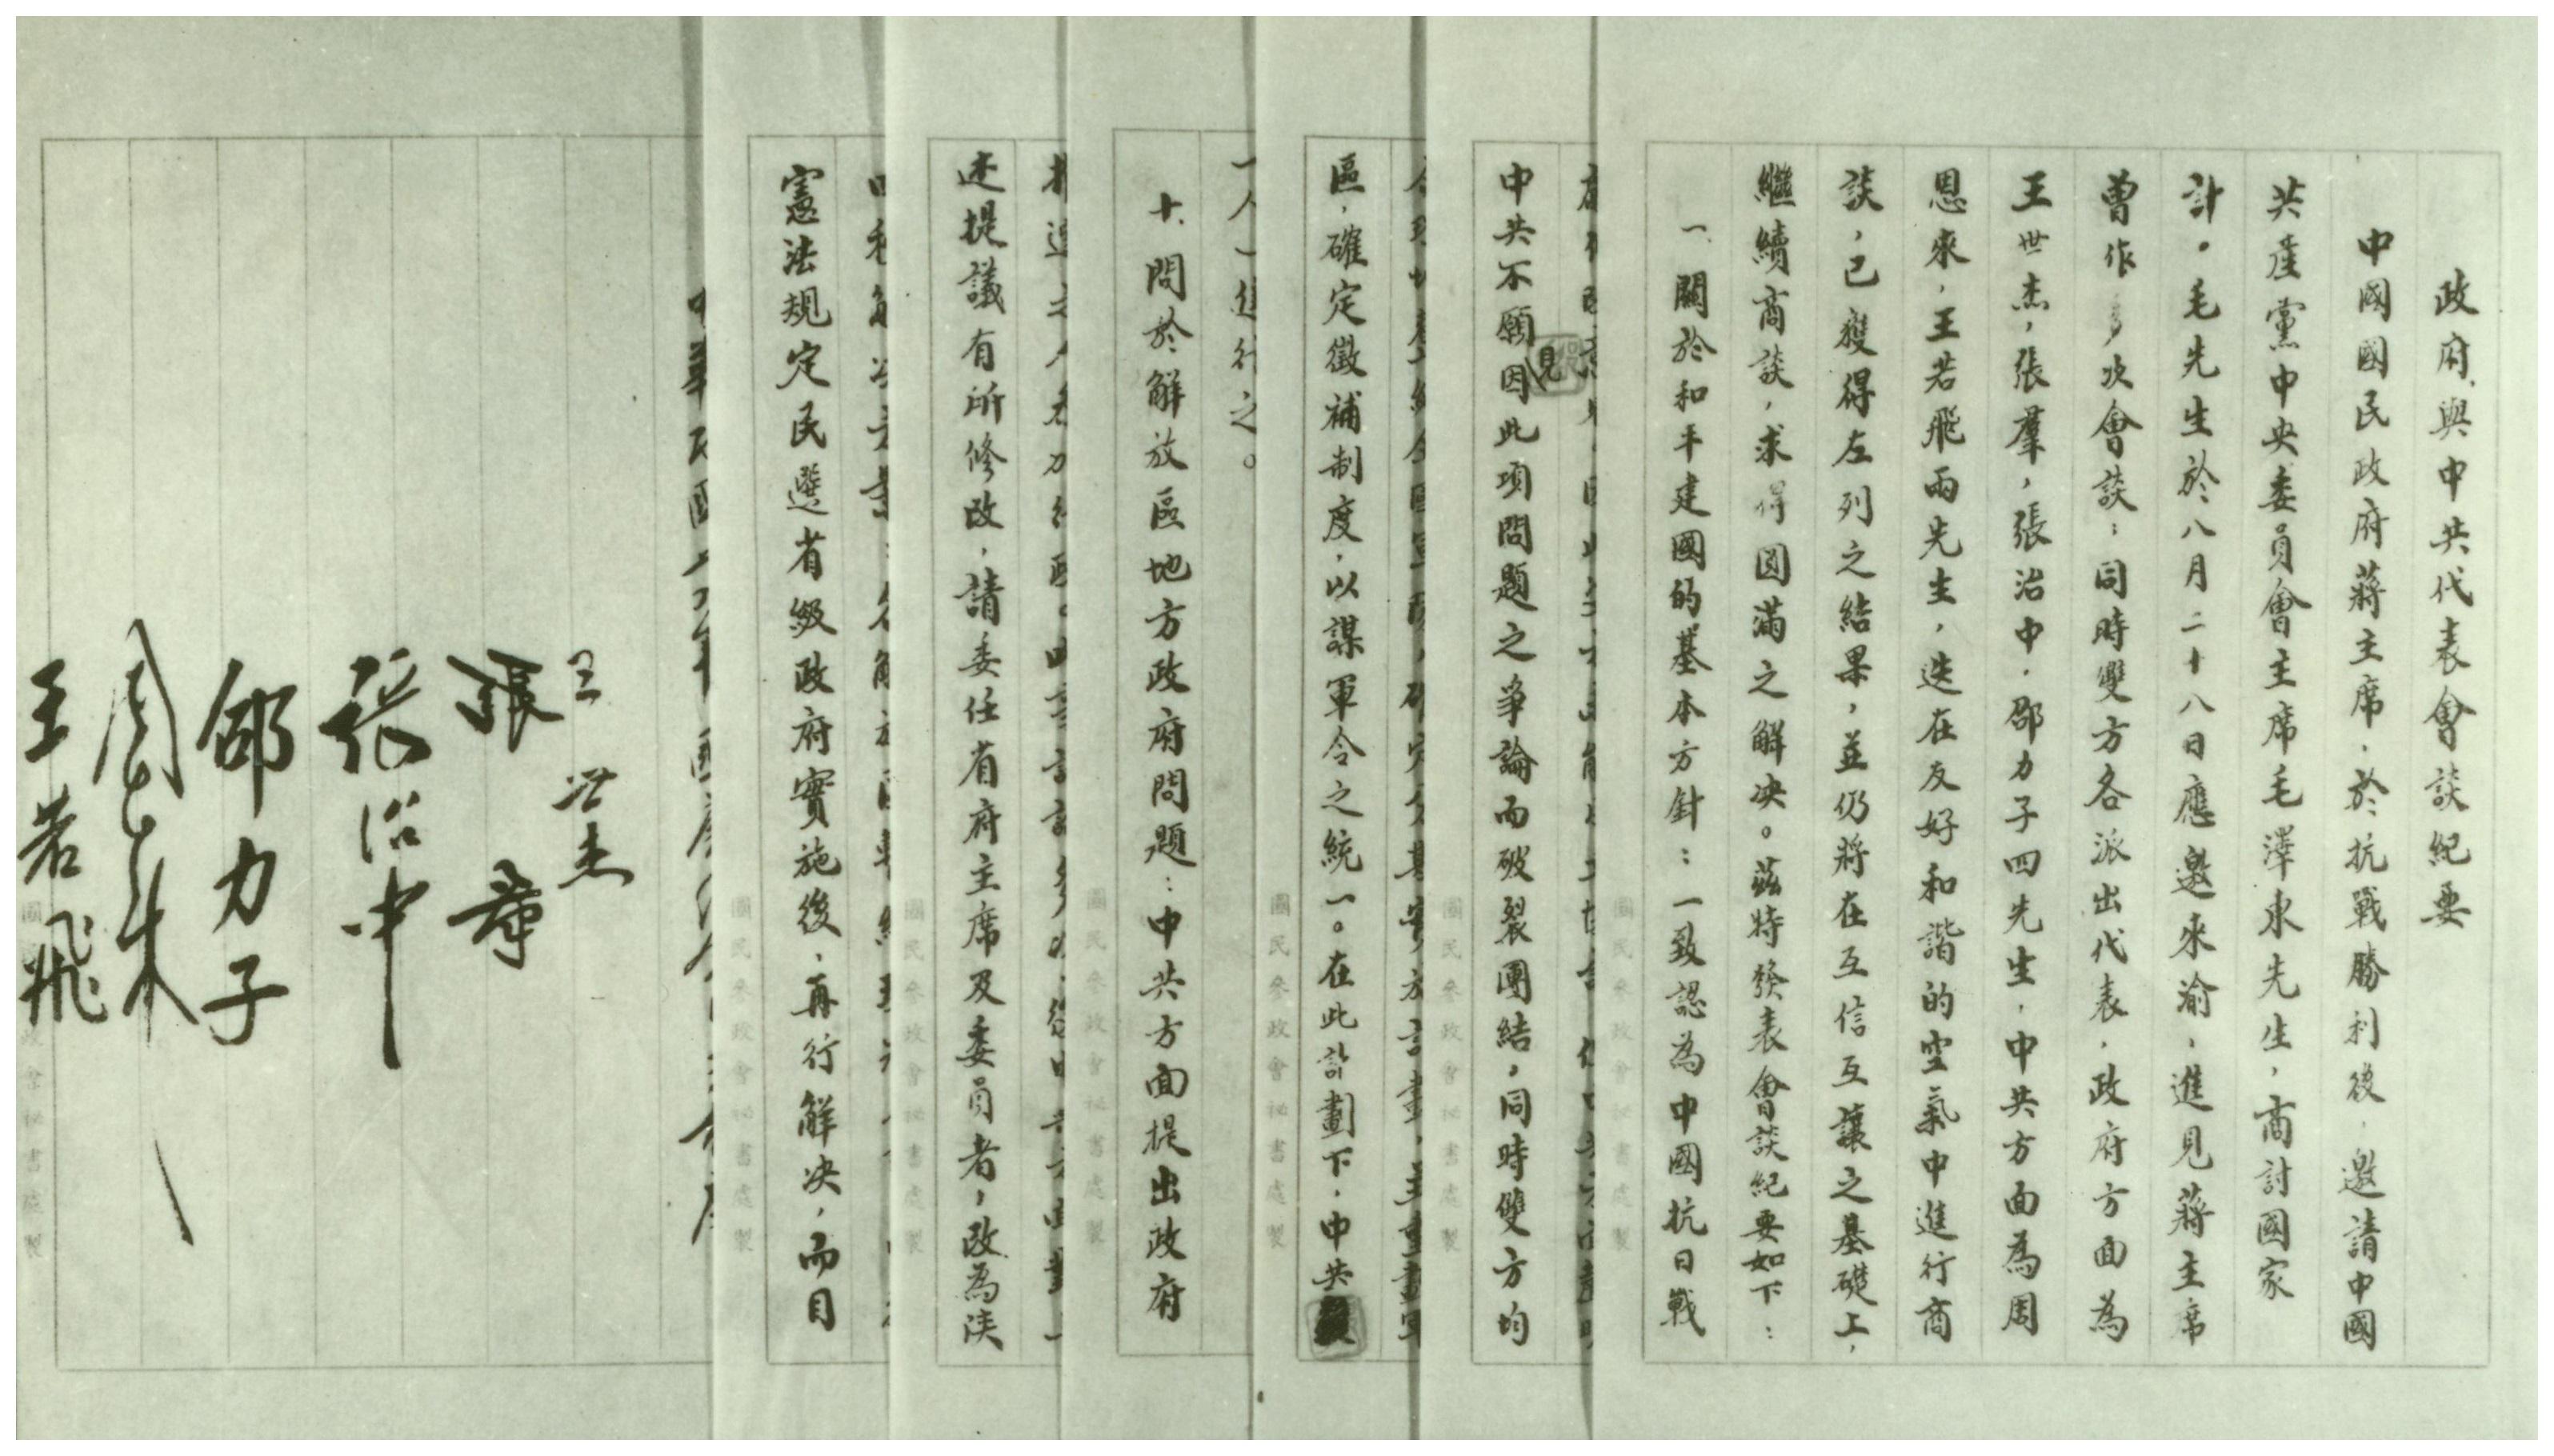 1-1、抗戰勝利后,中國共產黨為避免內戰、爭取和平,于1945年10月10日在重慶與國民黨簽訂了《政府與中共代表會談紀要》(即《雙十協定》)。圖為《雙十協定》文本。。.jpg